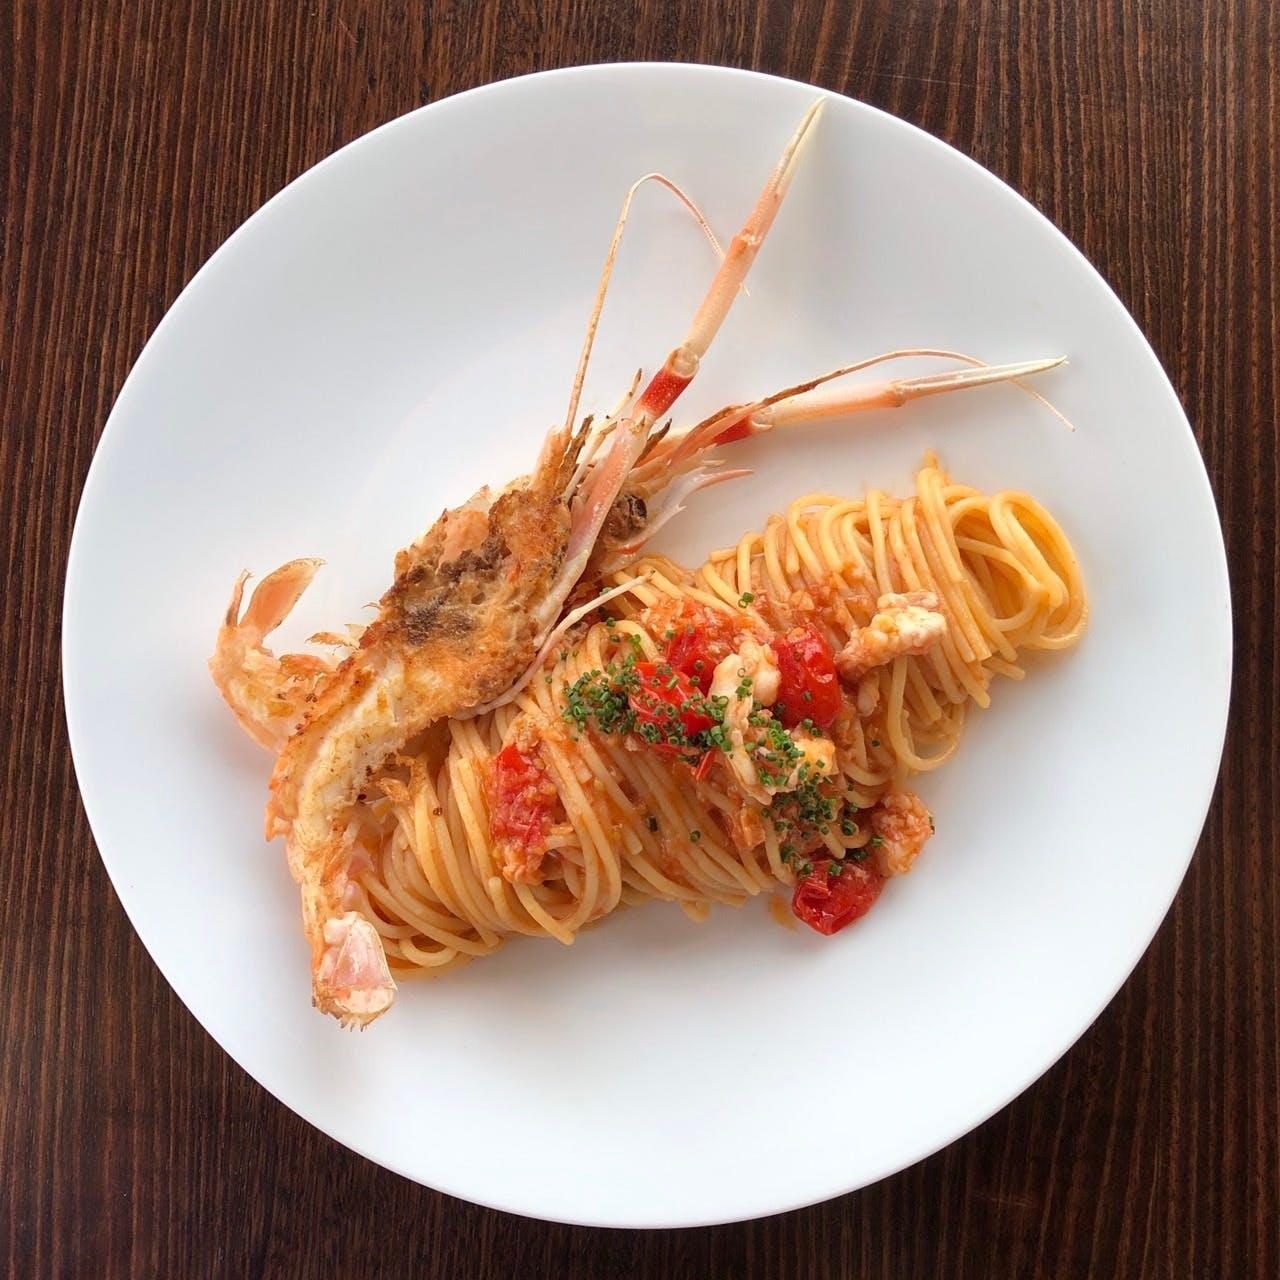 こだわりが詰まった「スパゲッティーニ スカンピ チェリートマト」を召し上がれ